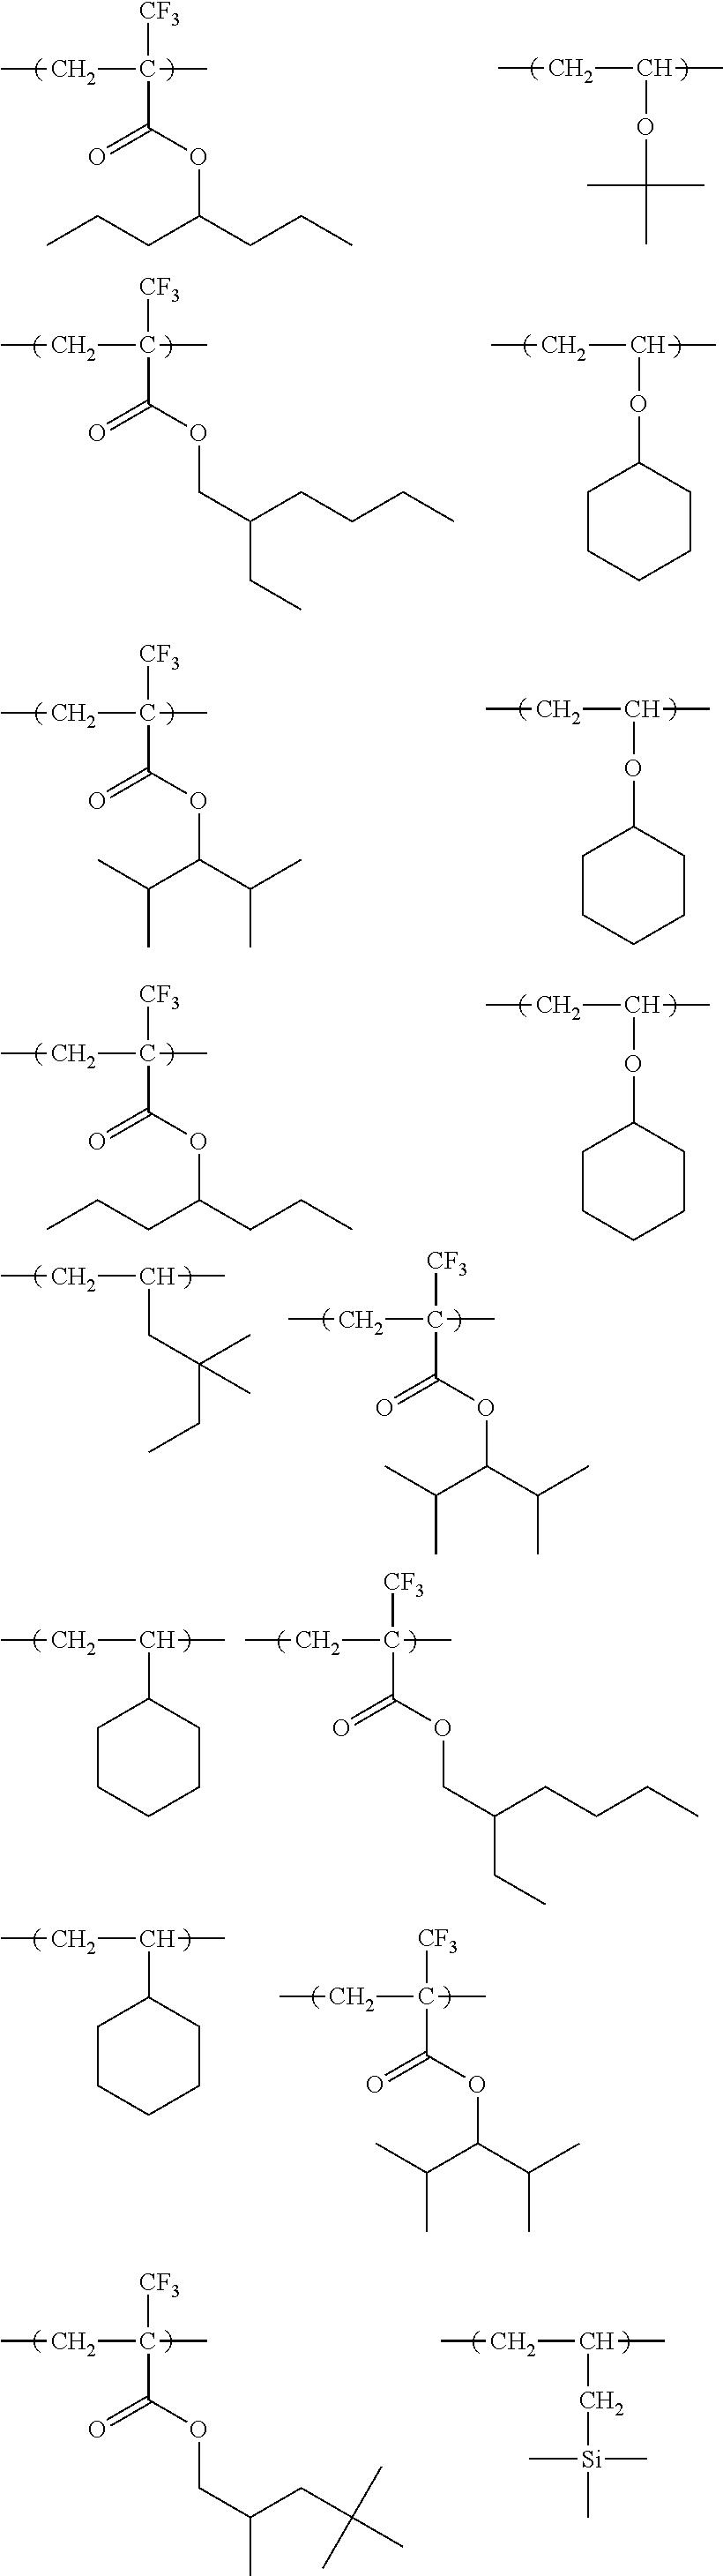 Figure US08476001-20130702-C00075